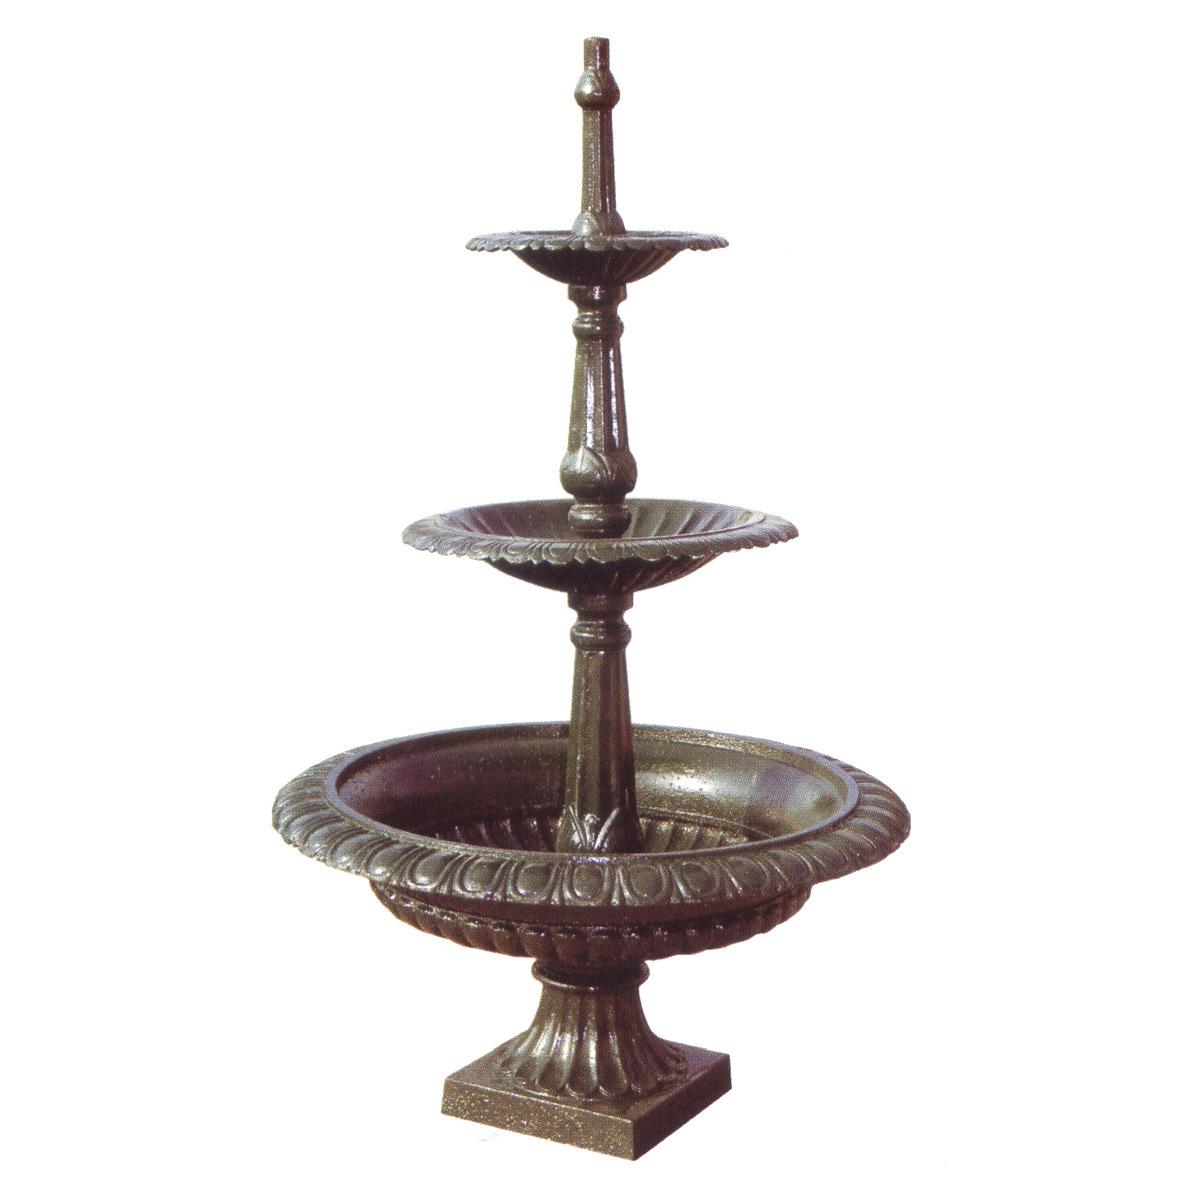 banco de jardim tamandua : banco de jardim tamandua:Cast Iron Garden Fountains